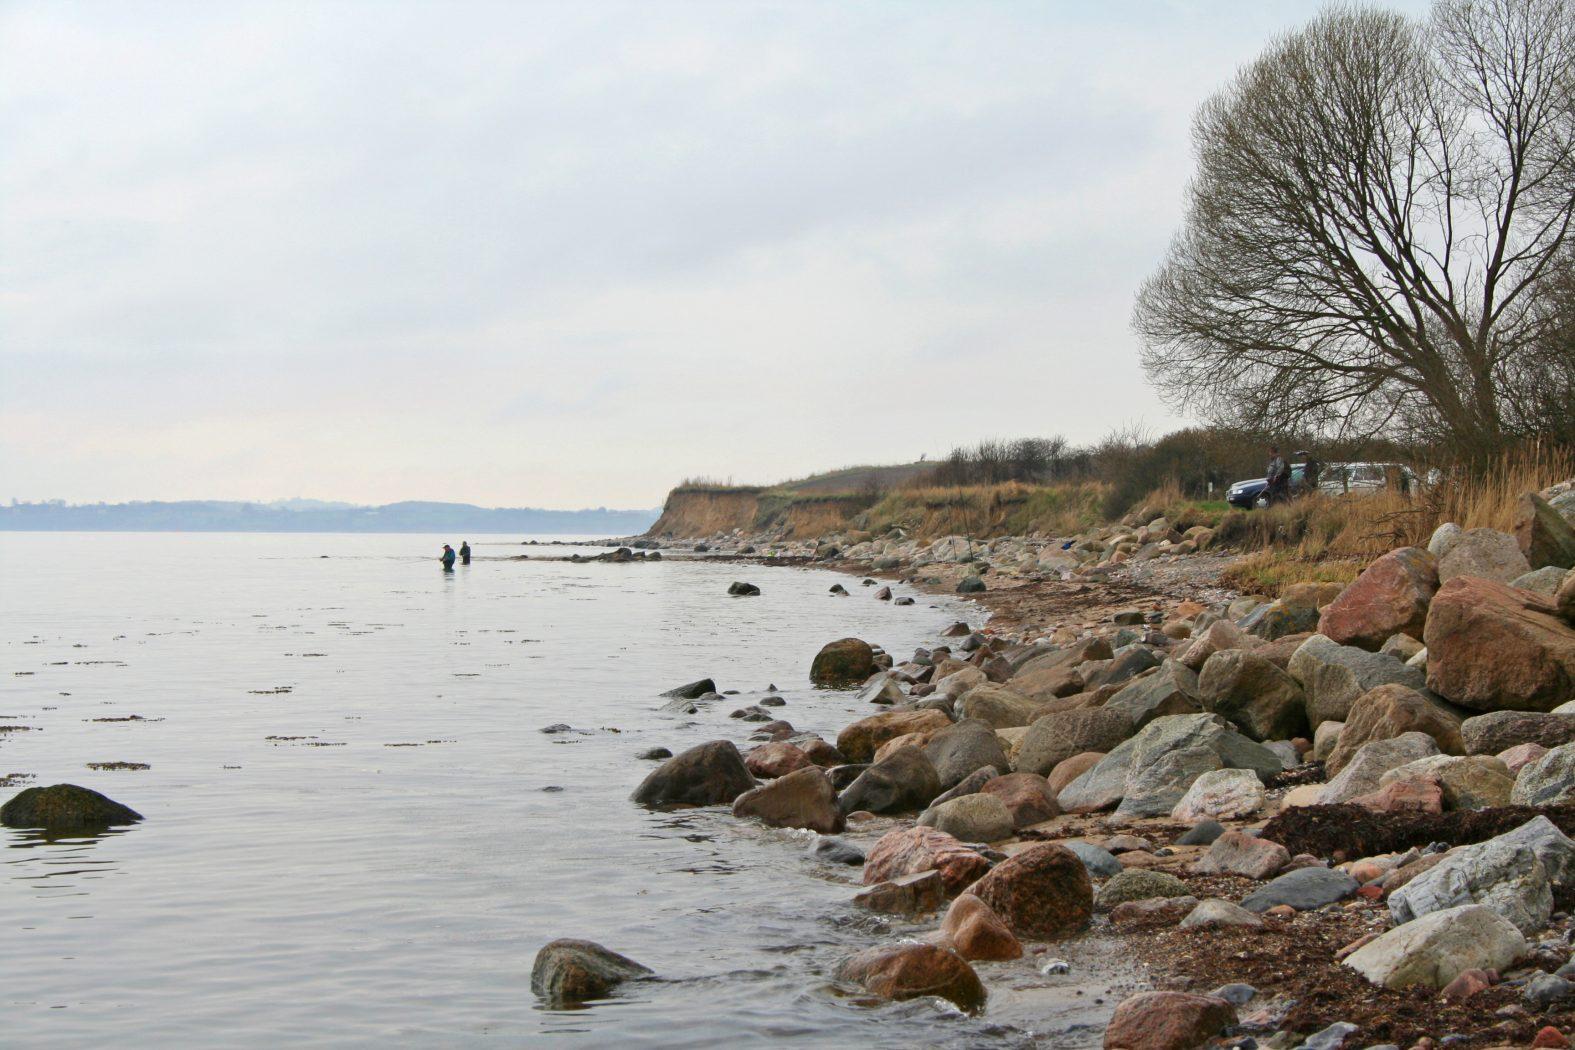 Angeln an der Flensburger Förde bei Broager